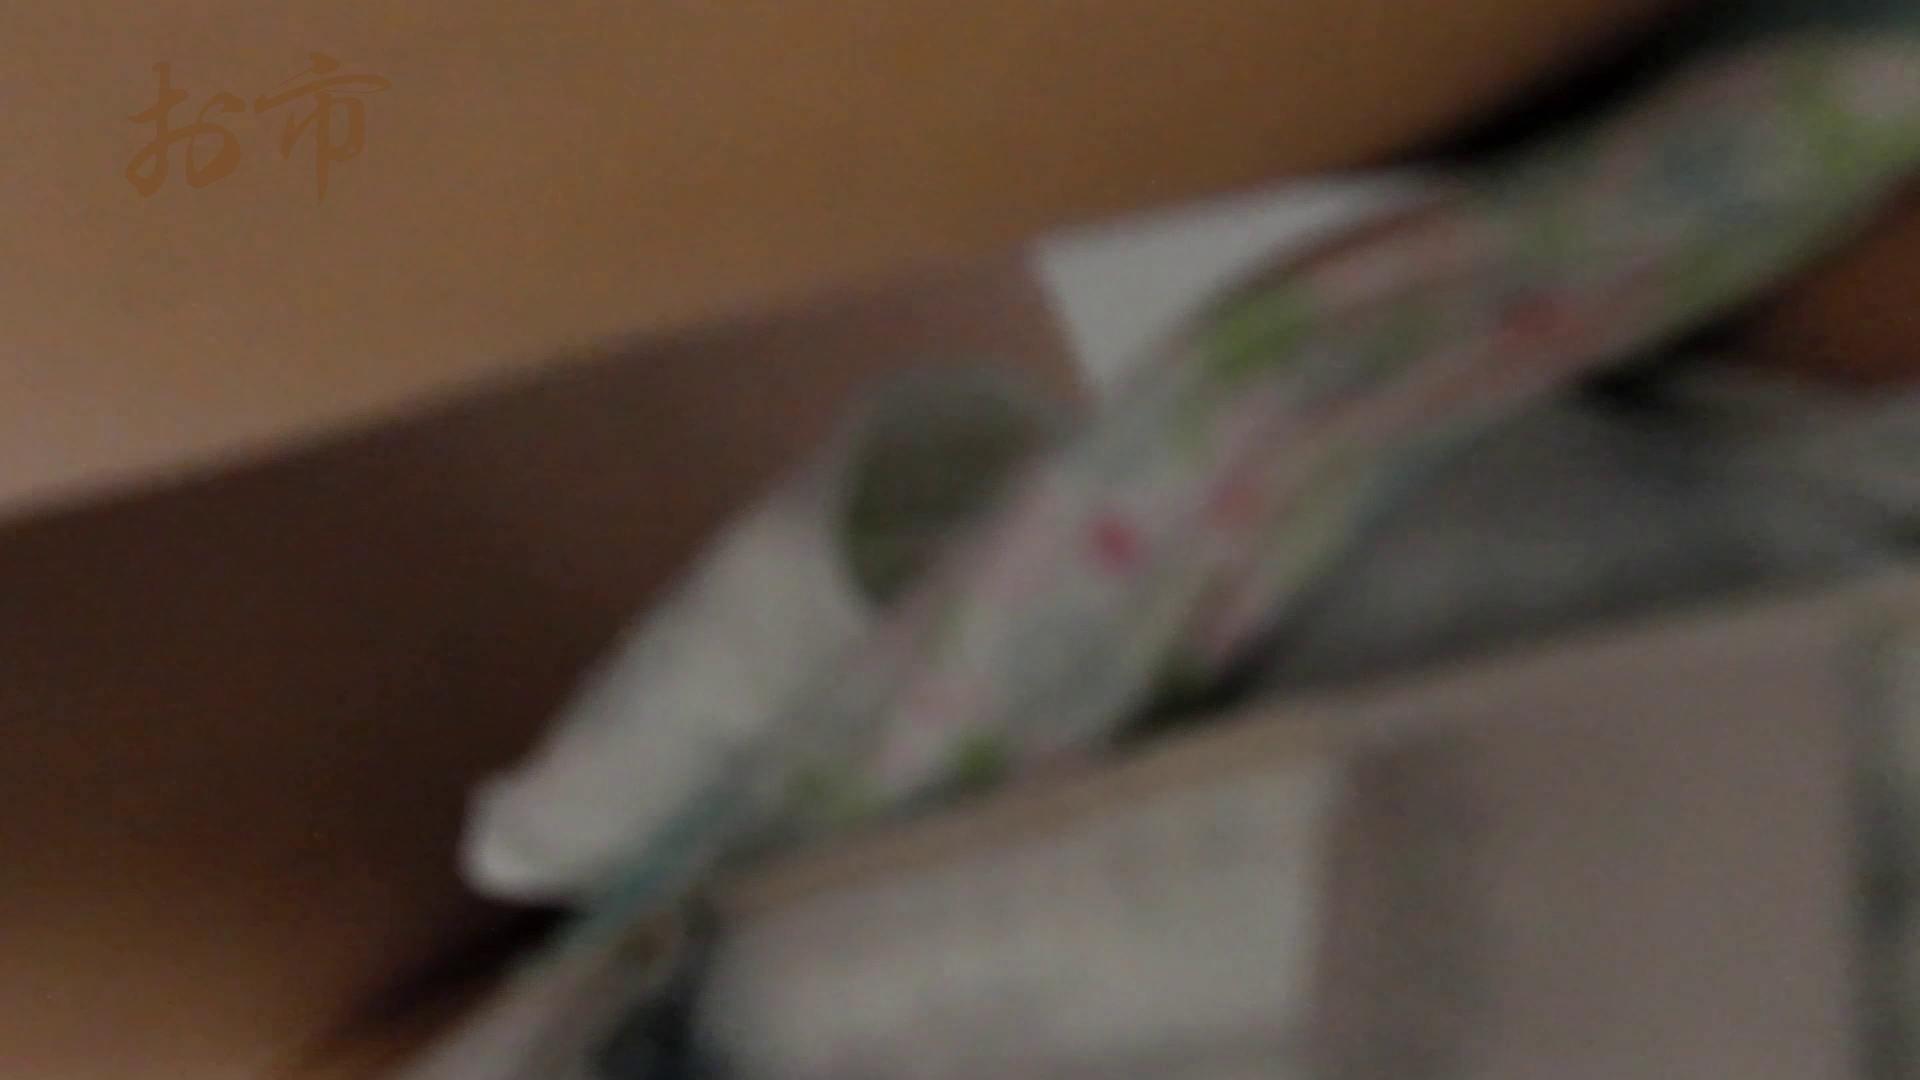 潜入!!台湾名門女学院 Vol.12 長身モデル驚き見たことないシチュエーション 盗撮   モデルのボディ  89PIX 56